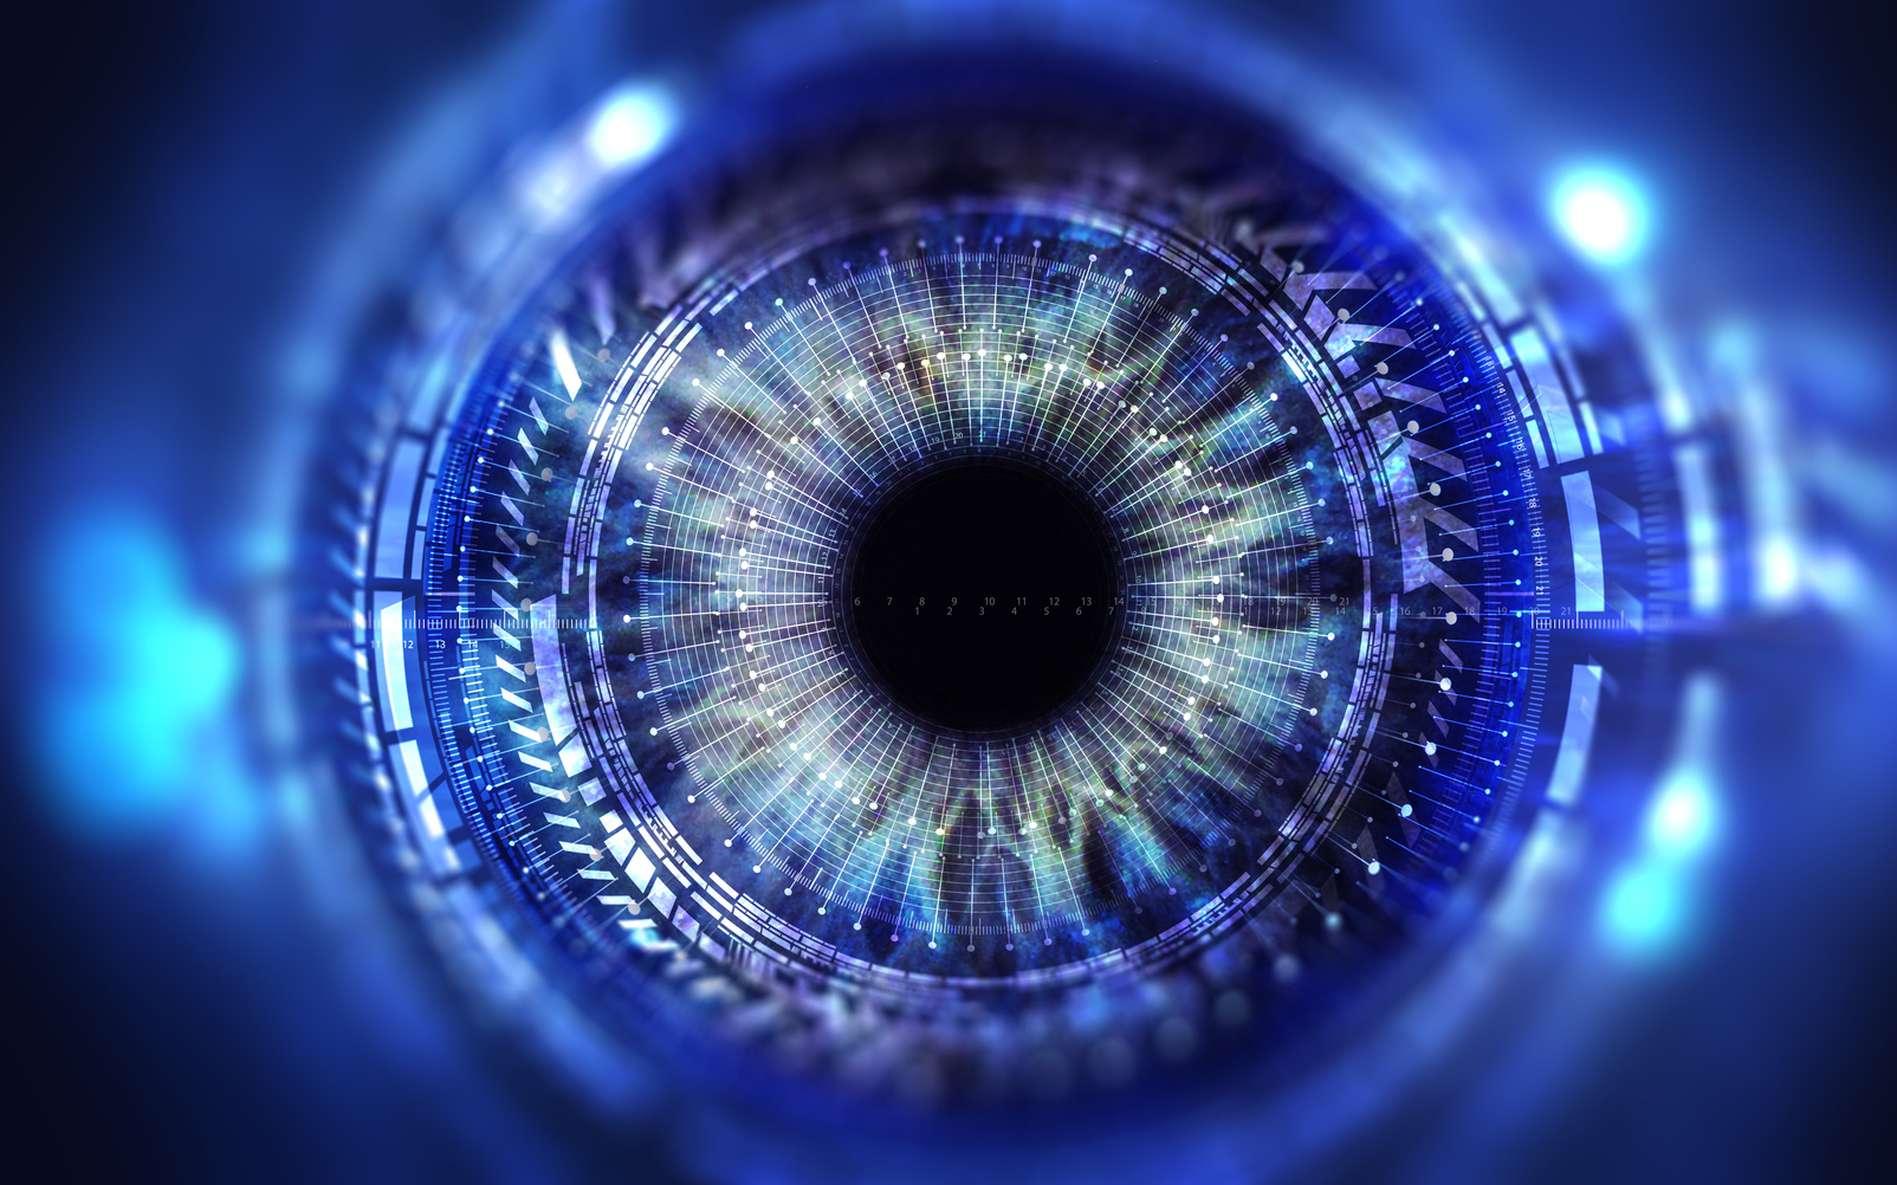 Le scanner d'iris est considéré comme l'un des systèmes biométriques les plus fiables. © spainter_vfx